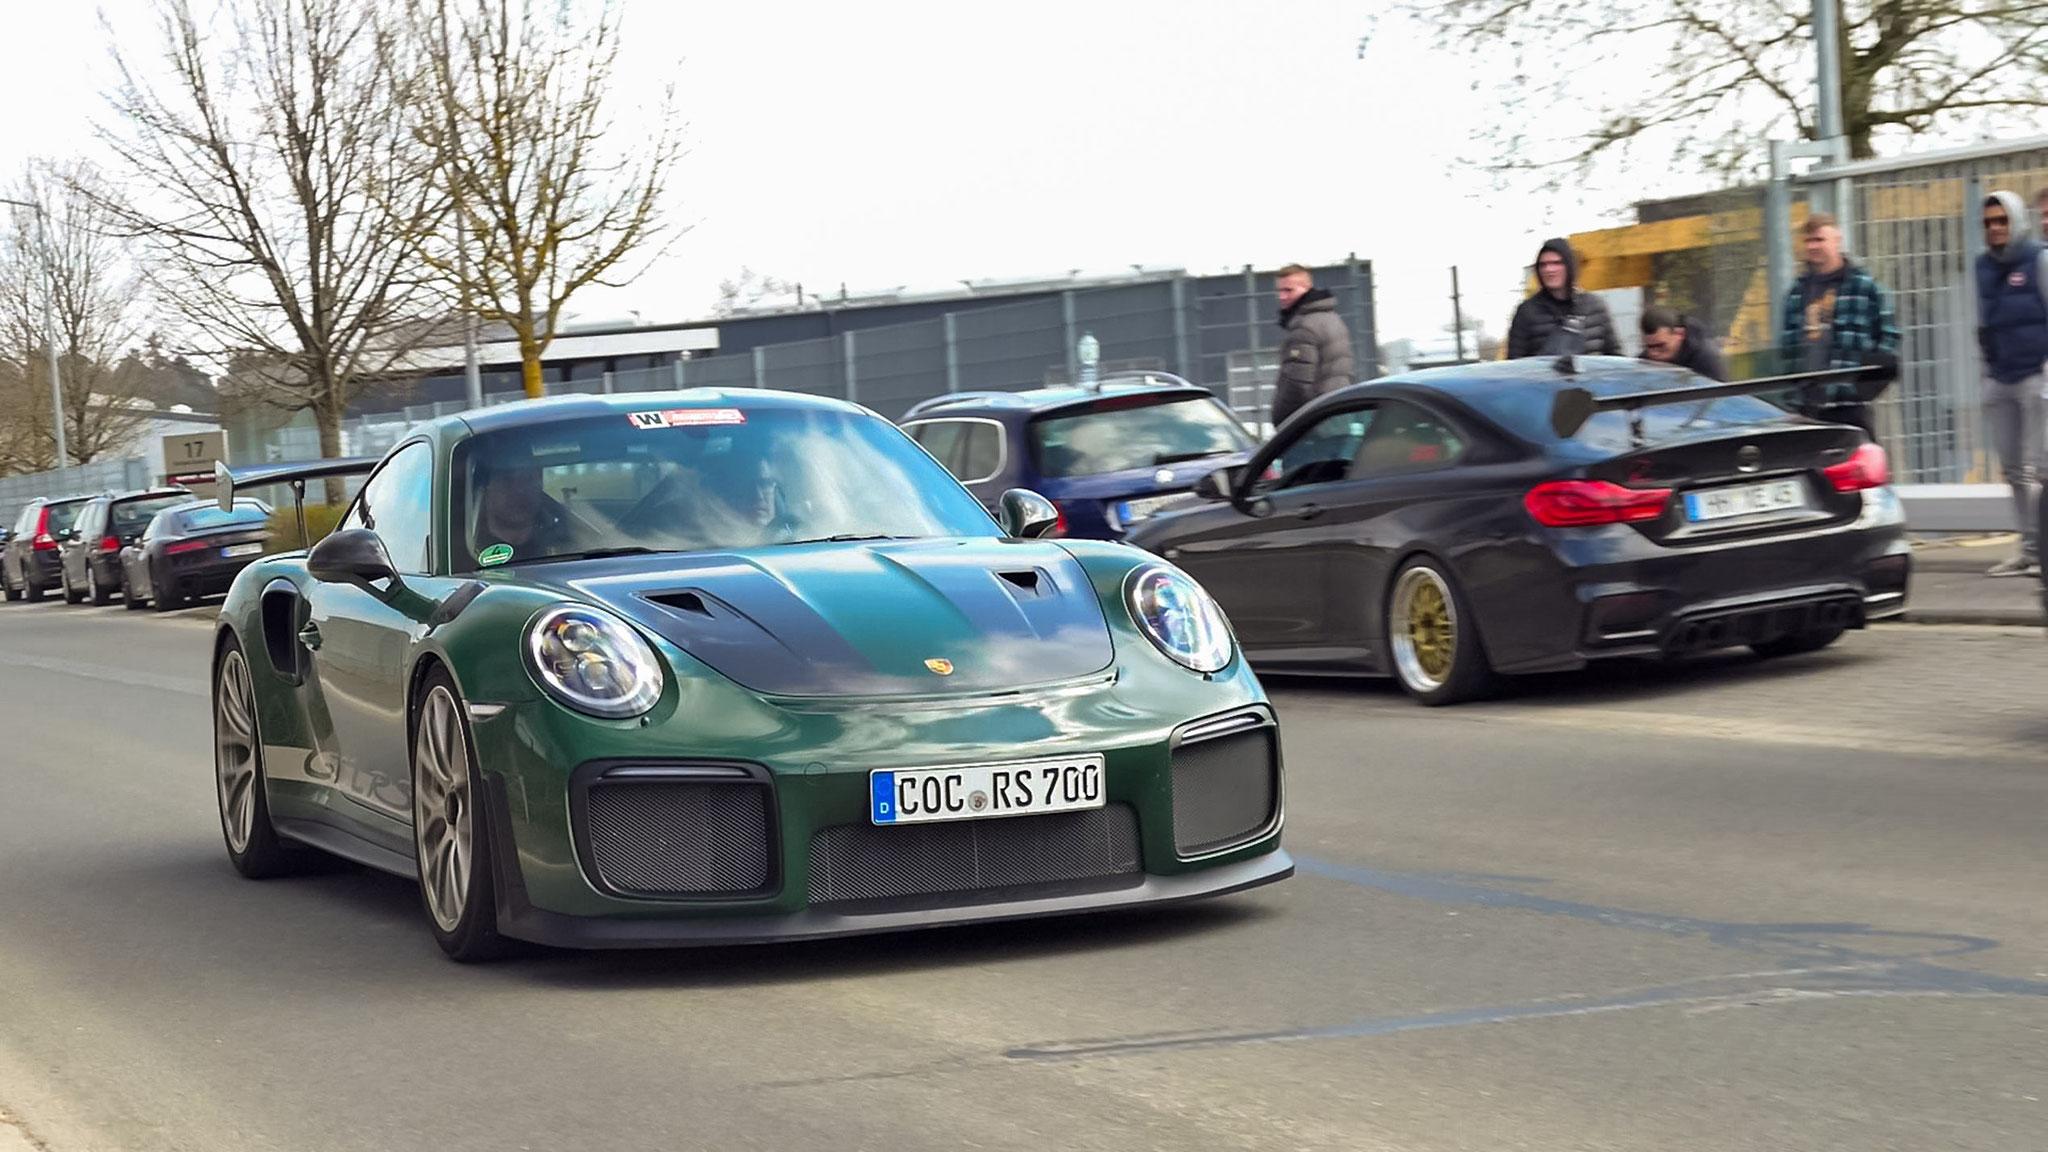 Porsche GT2 RS - COC-RS-700